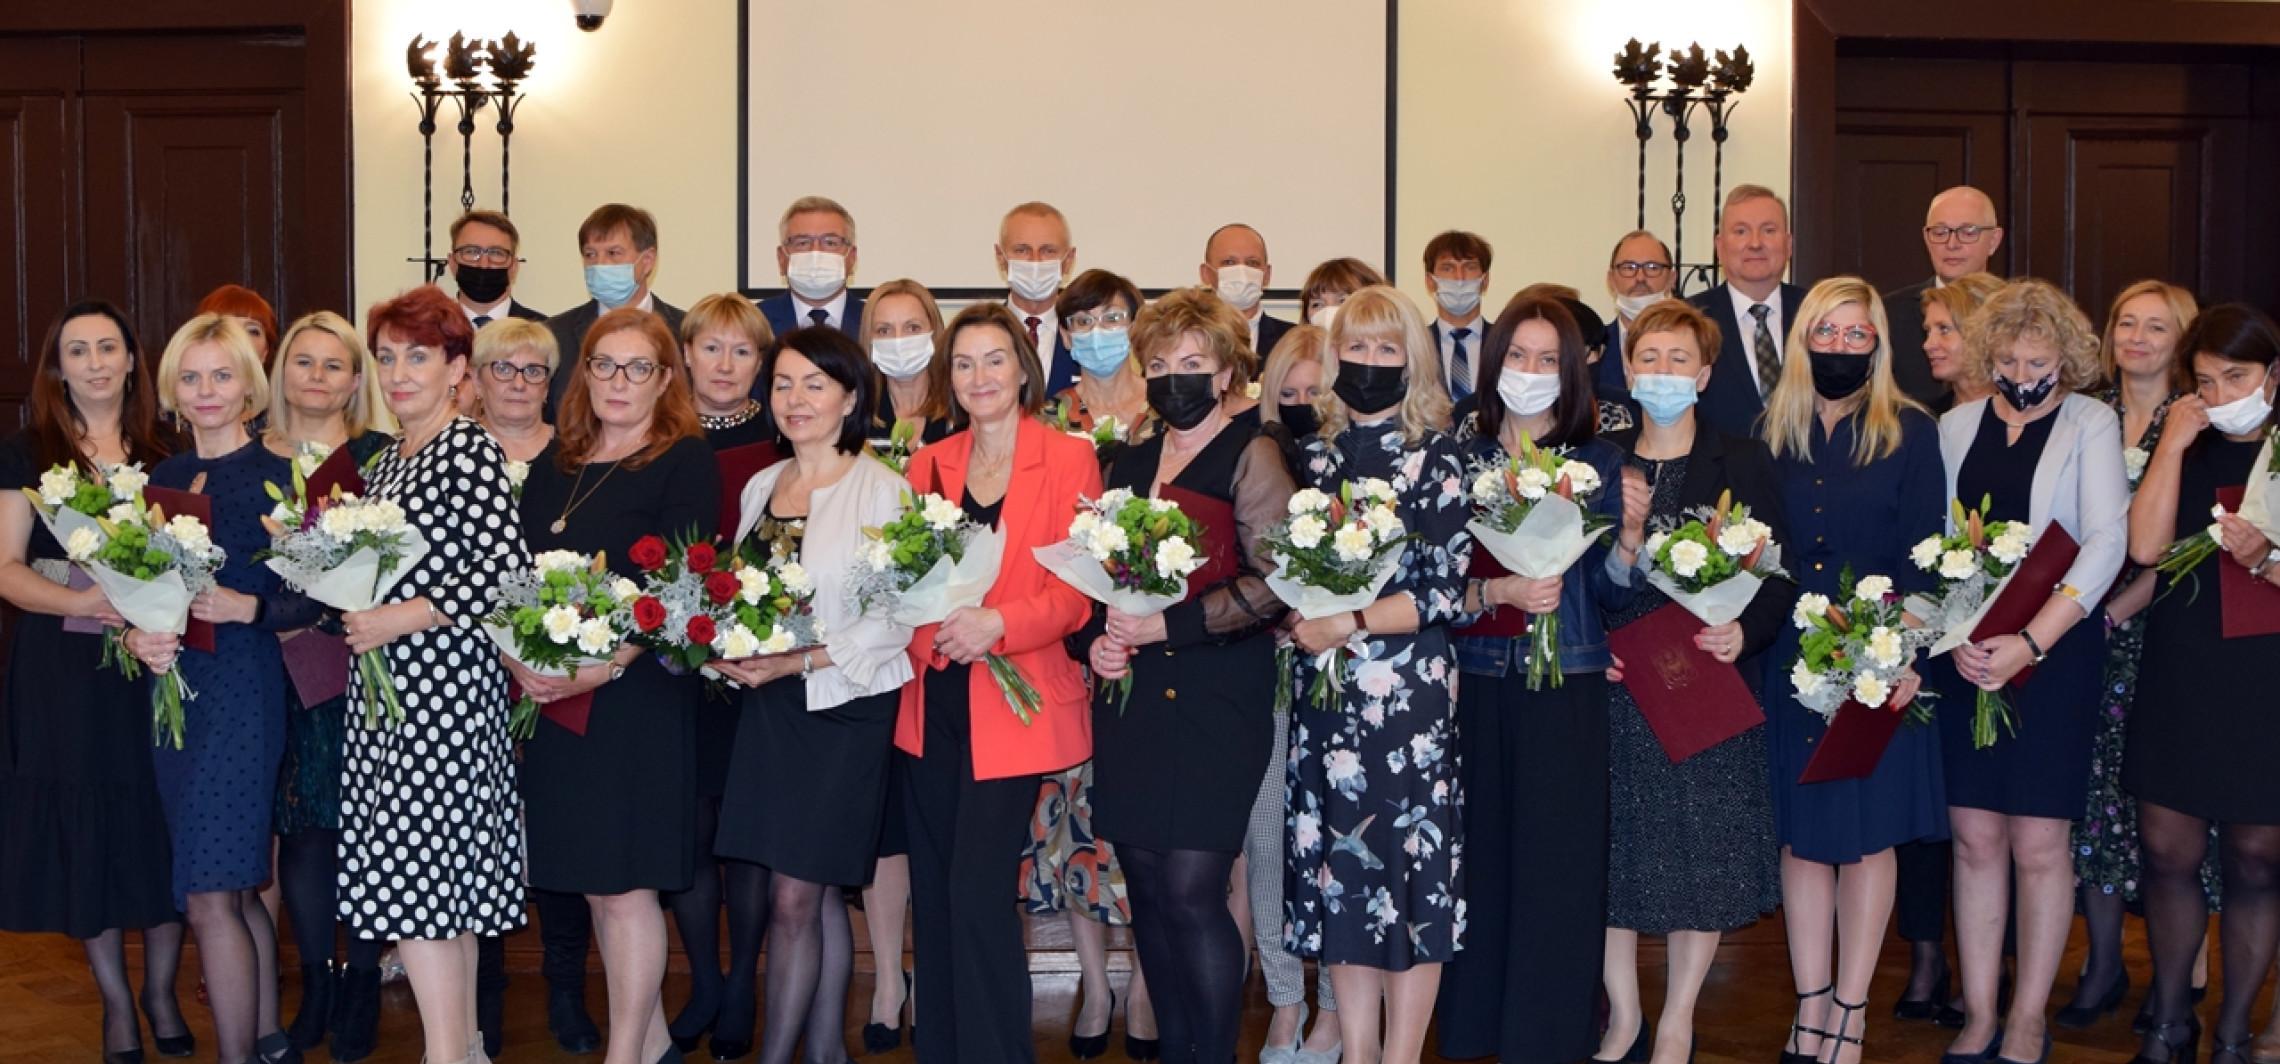 Inowrocław - Nauczyciele z nagrodami i wyróżnieniami